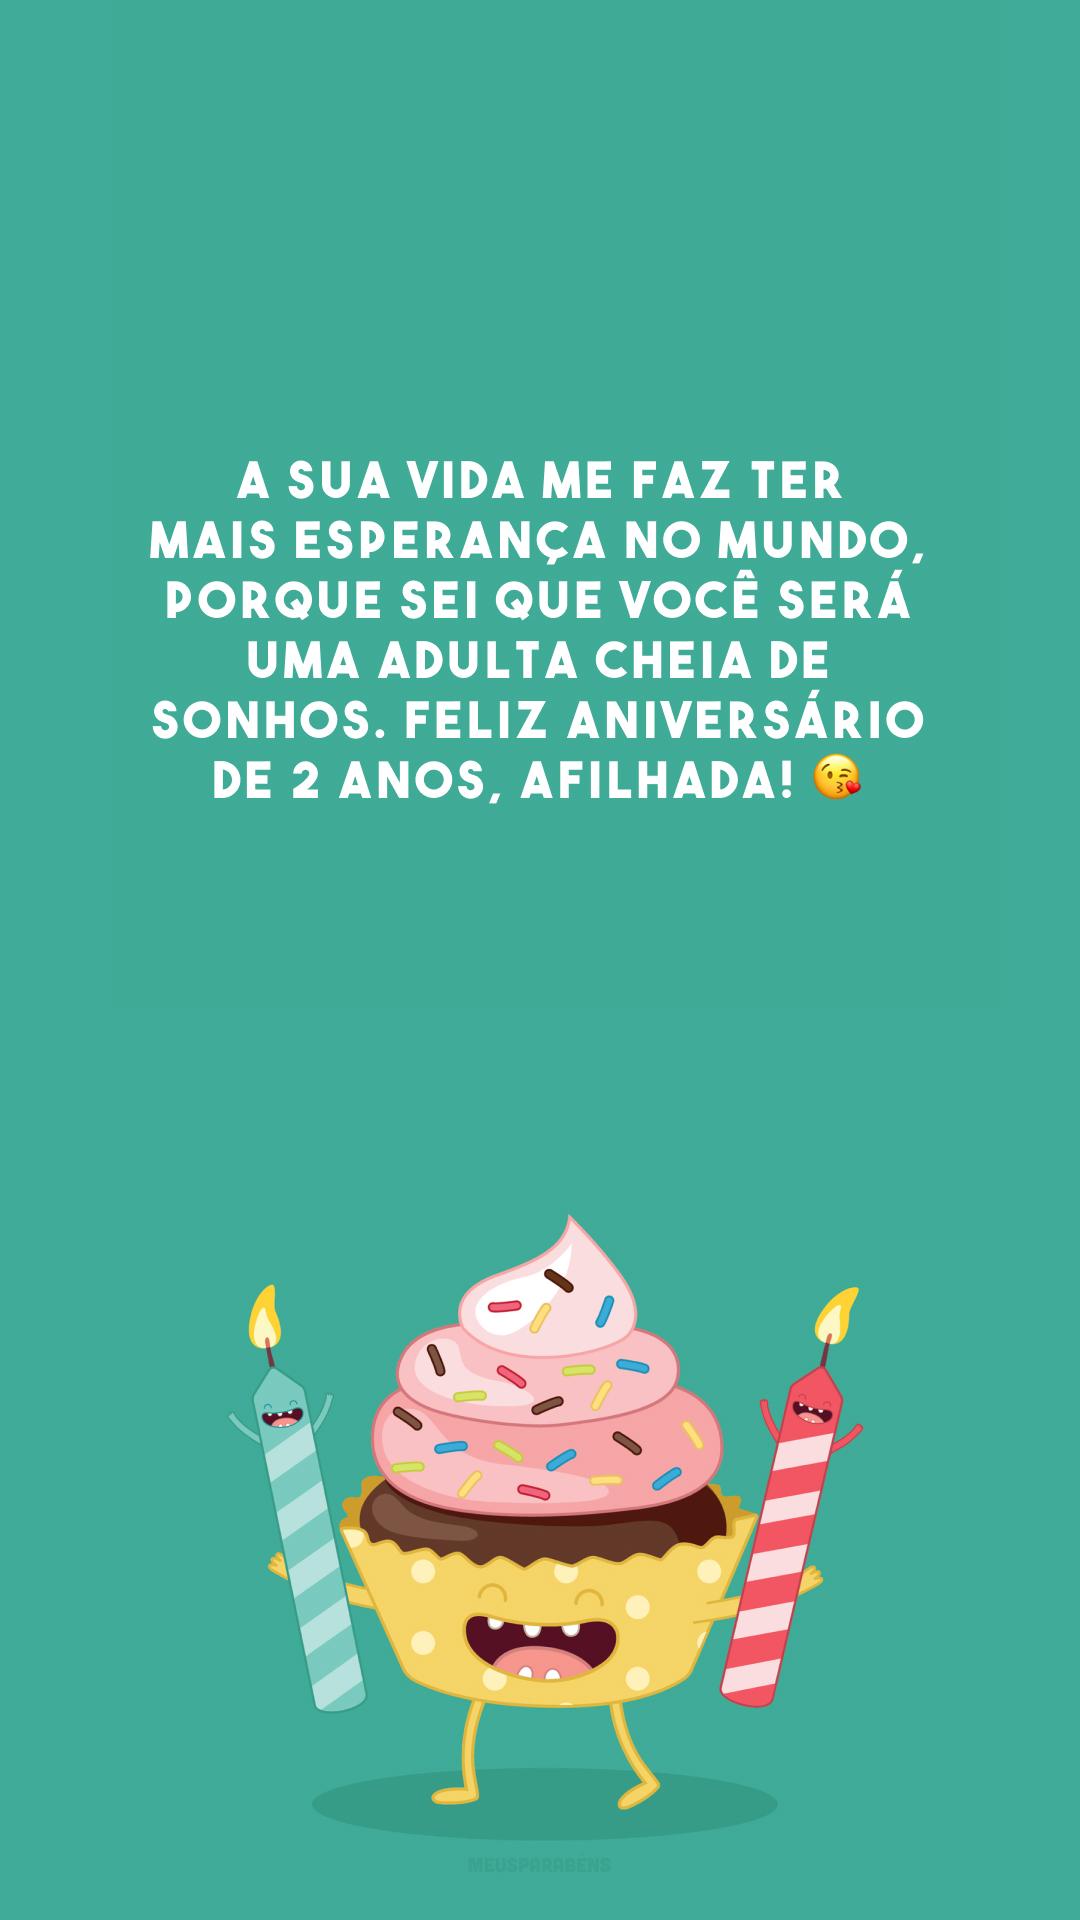 A sua vida me faz ter mais esperança no mundo, porque sei que você será uma adulta cheia de sonhos. Feliz aniversário de 2 anos, afilhada! 😘